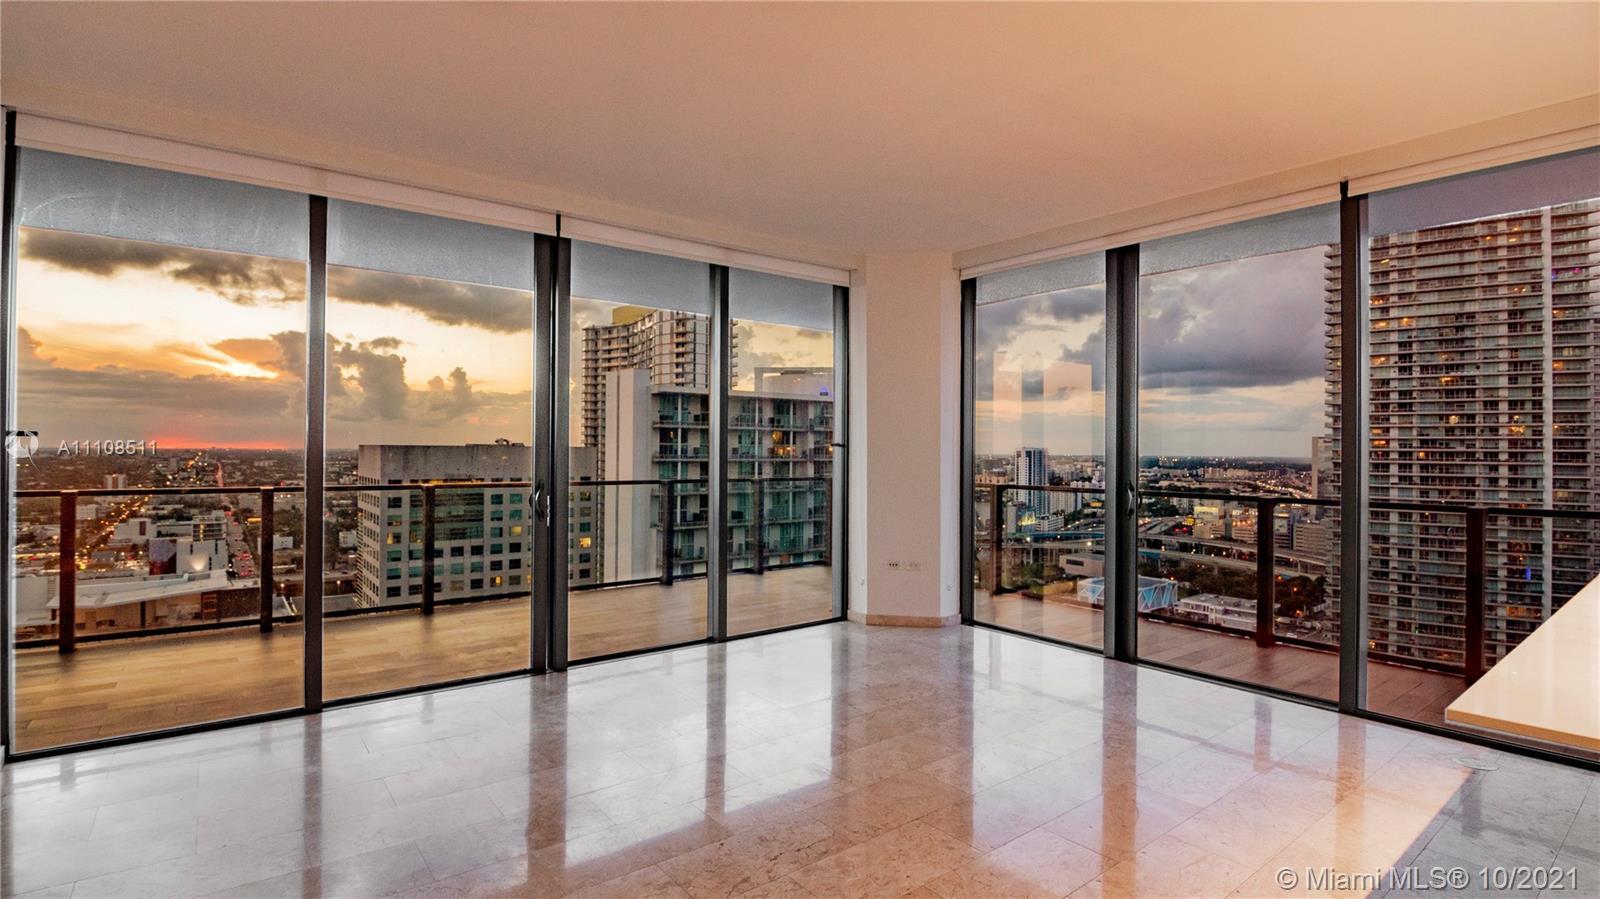 88 7th St Unit 2612, Miami, Florida 33130